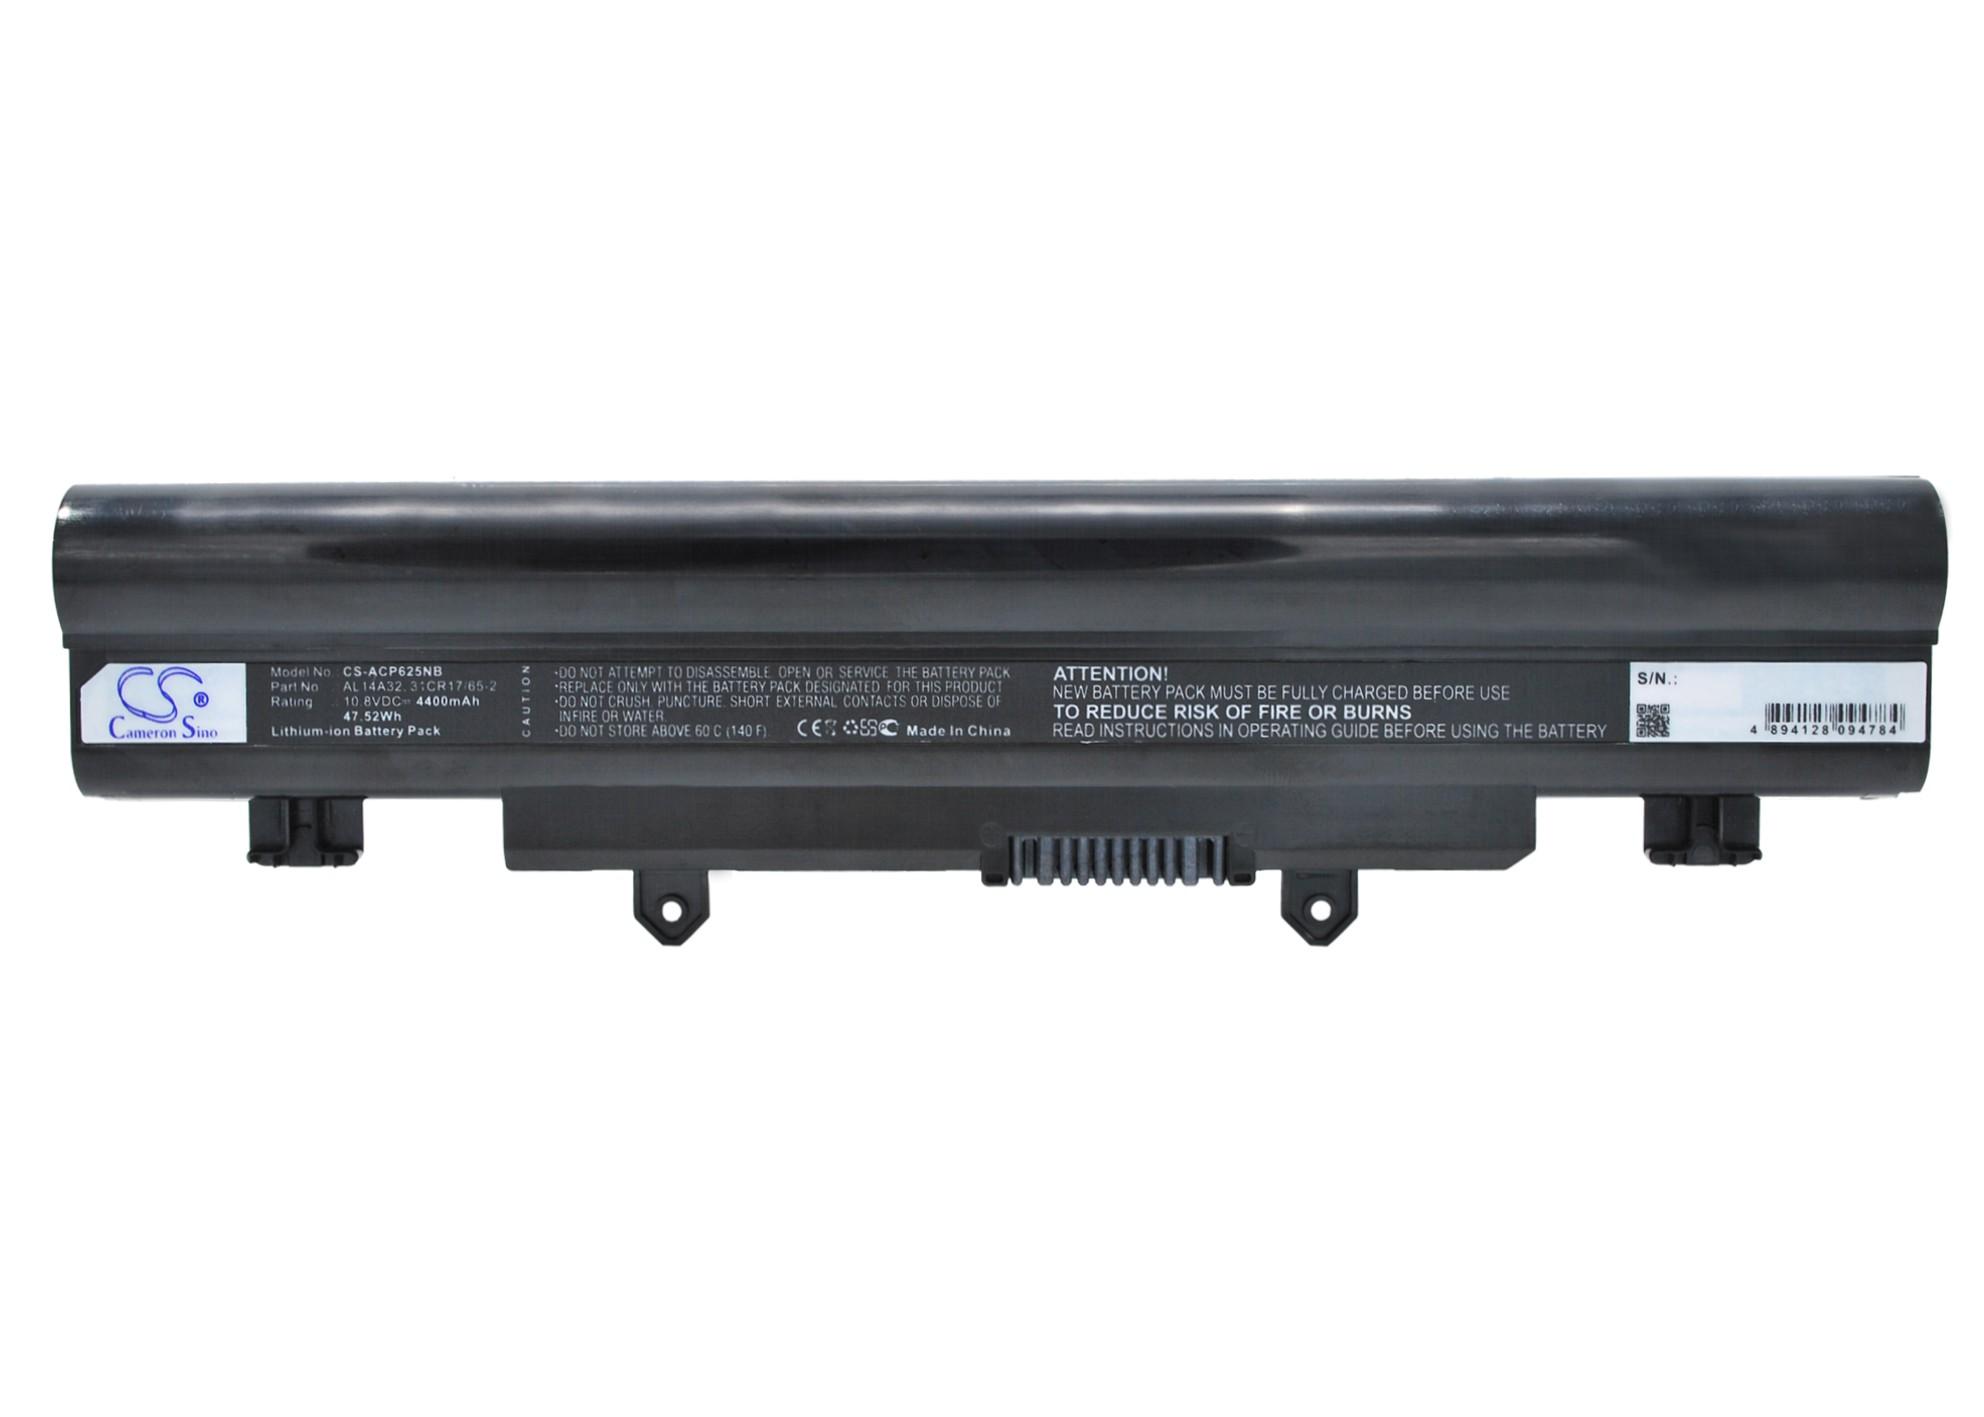 Cameron Sino baterie do notebooků pro ACER Aspire E5-572 10.8V Li-ion 4400mAh černá - neoriginální